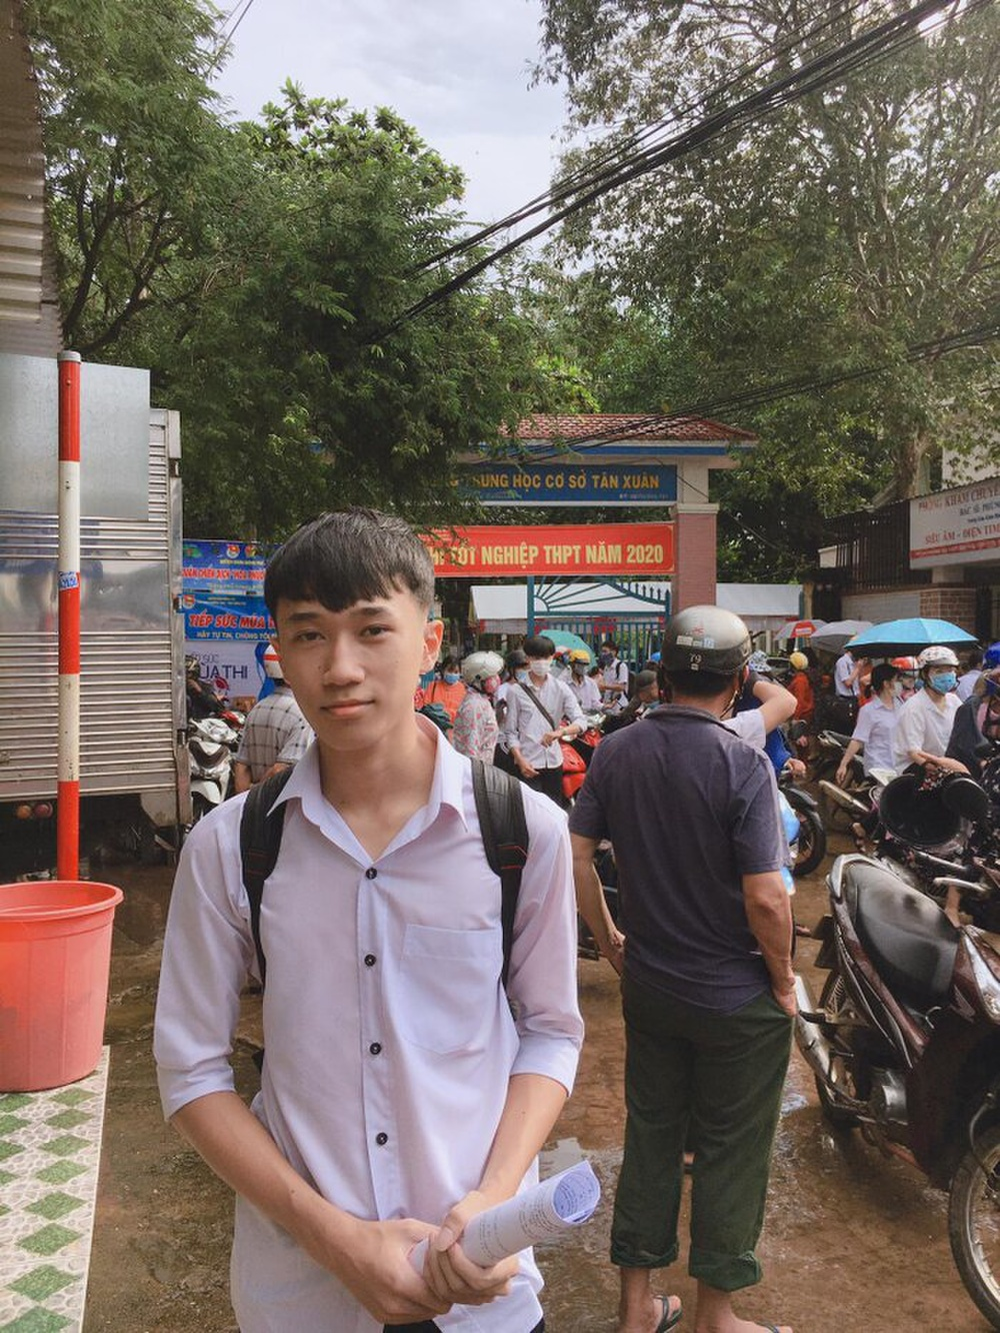 Phụ huynh ở Bình Phước đứng đợi thí sinh dưới cơn mưa lớn trong buổi thi Toán chiều nay Ảnh 8